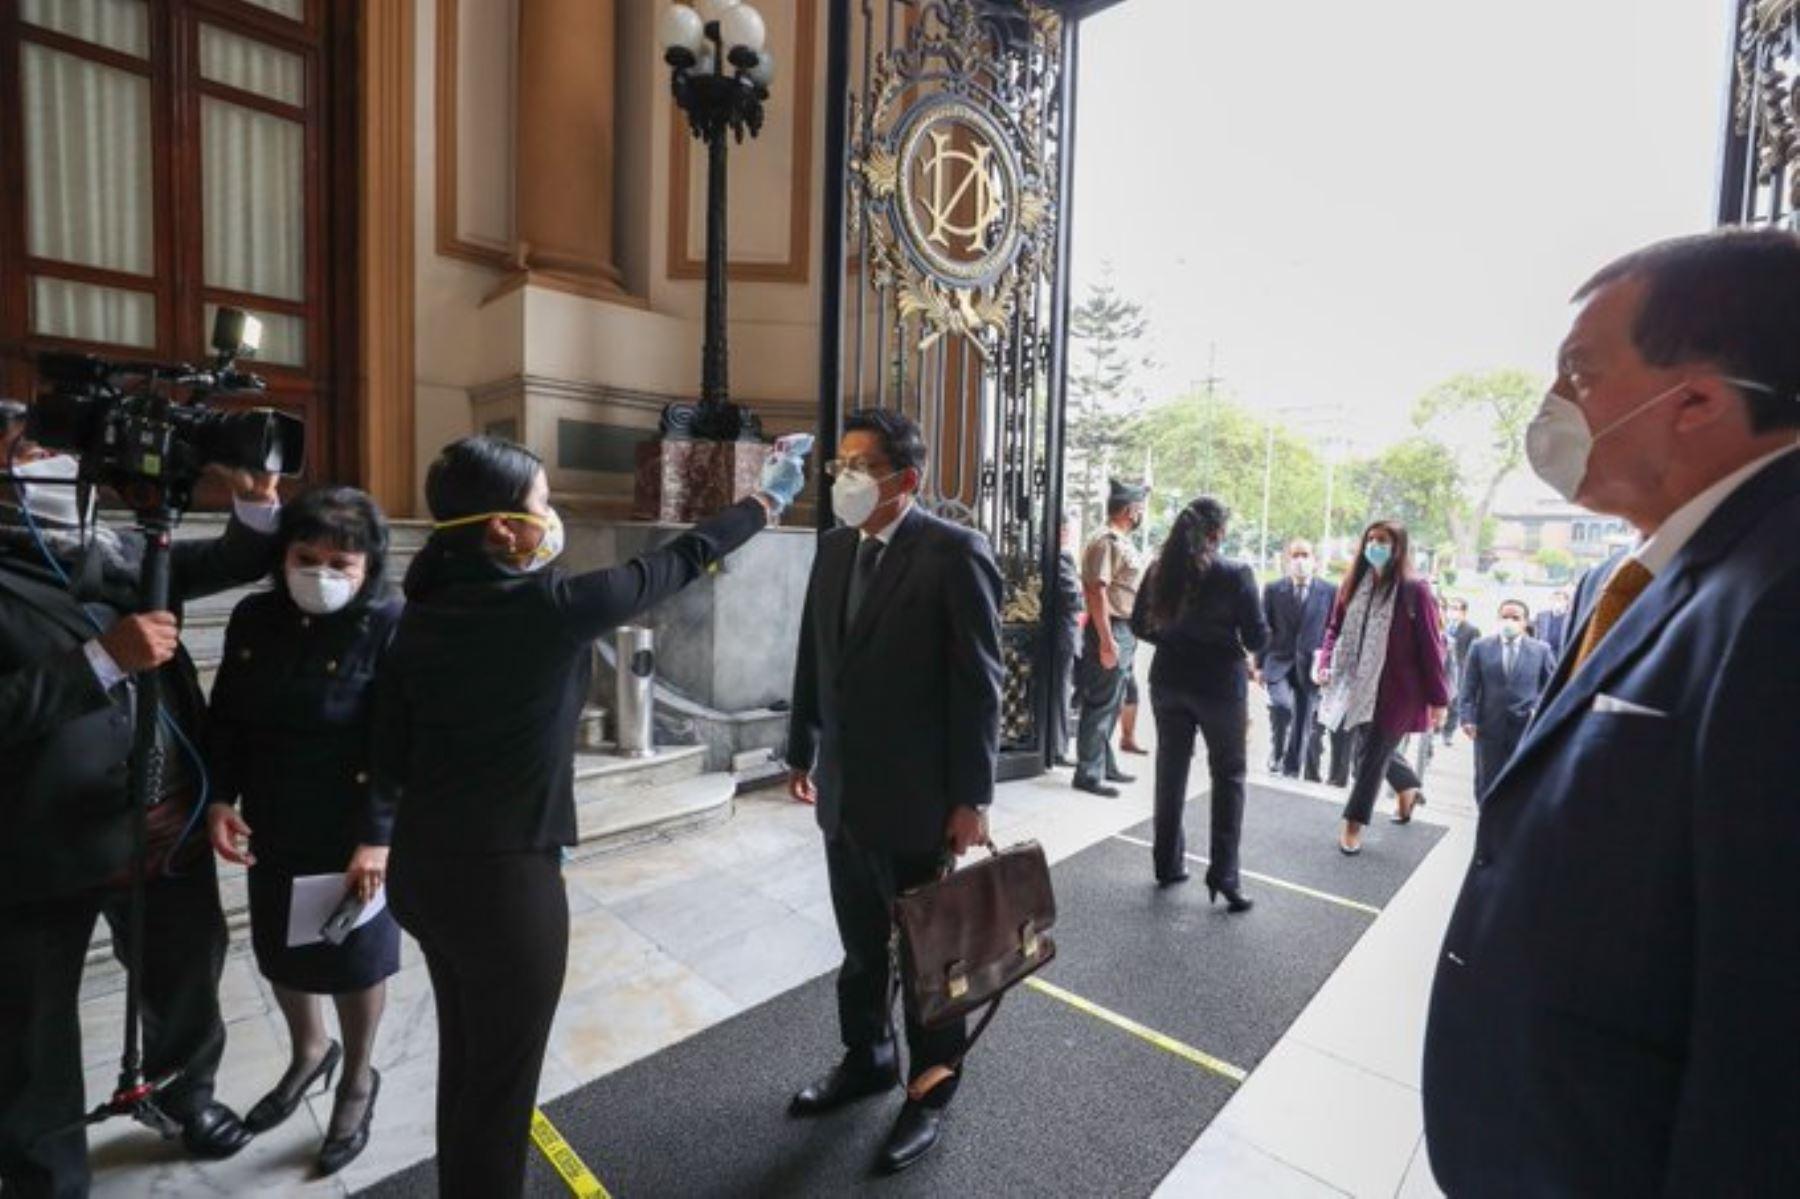 El jefe del Gabinete Ministerial, Vicente Zeballos, junto a ministros de Estado, ya se encuentra en el Congreso de la República para su presentación en la sesión del Pleno virtual. Foto: ANDINA/PCM